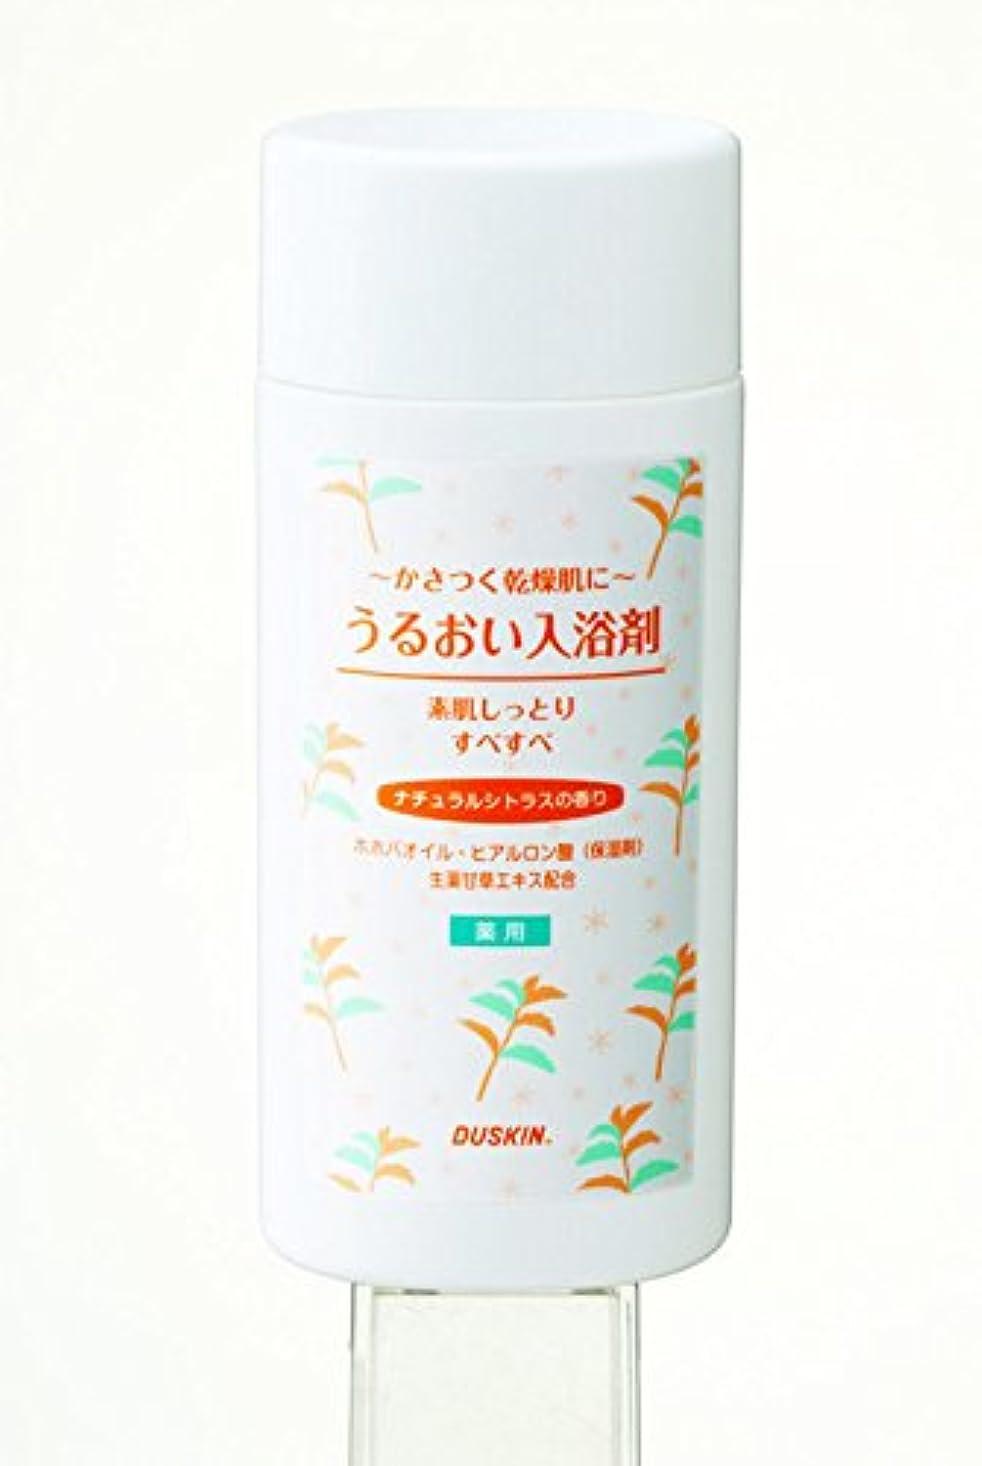 万歳楽しい割るダスキン うるおい入浴剤 ナチュラルシトラスの香り 濁り湯タイプ300g